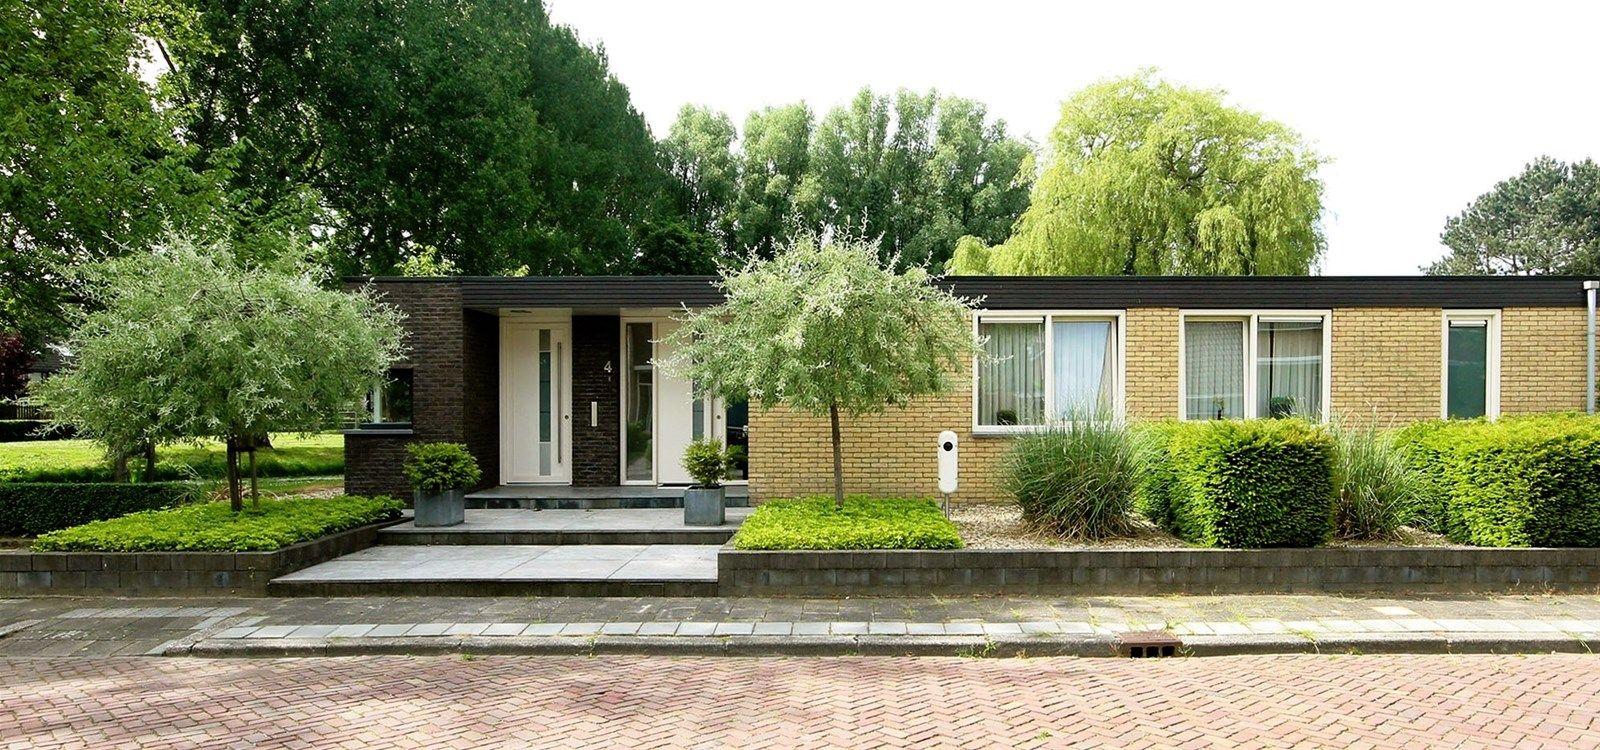 Junolaan 4 *, Dordrecht